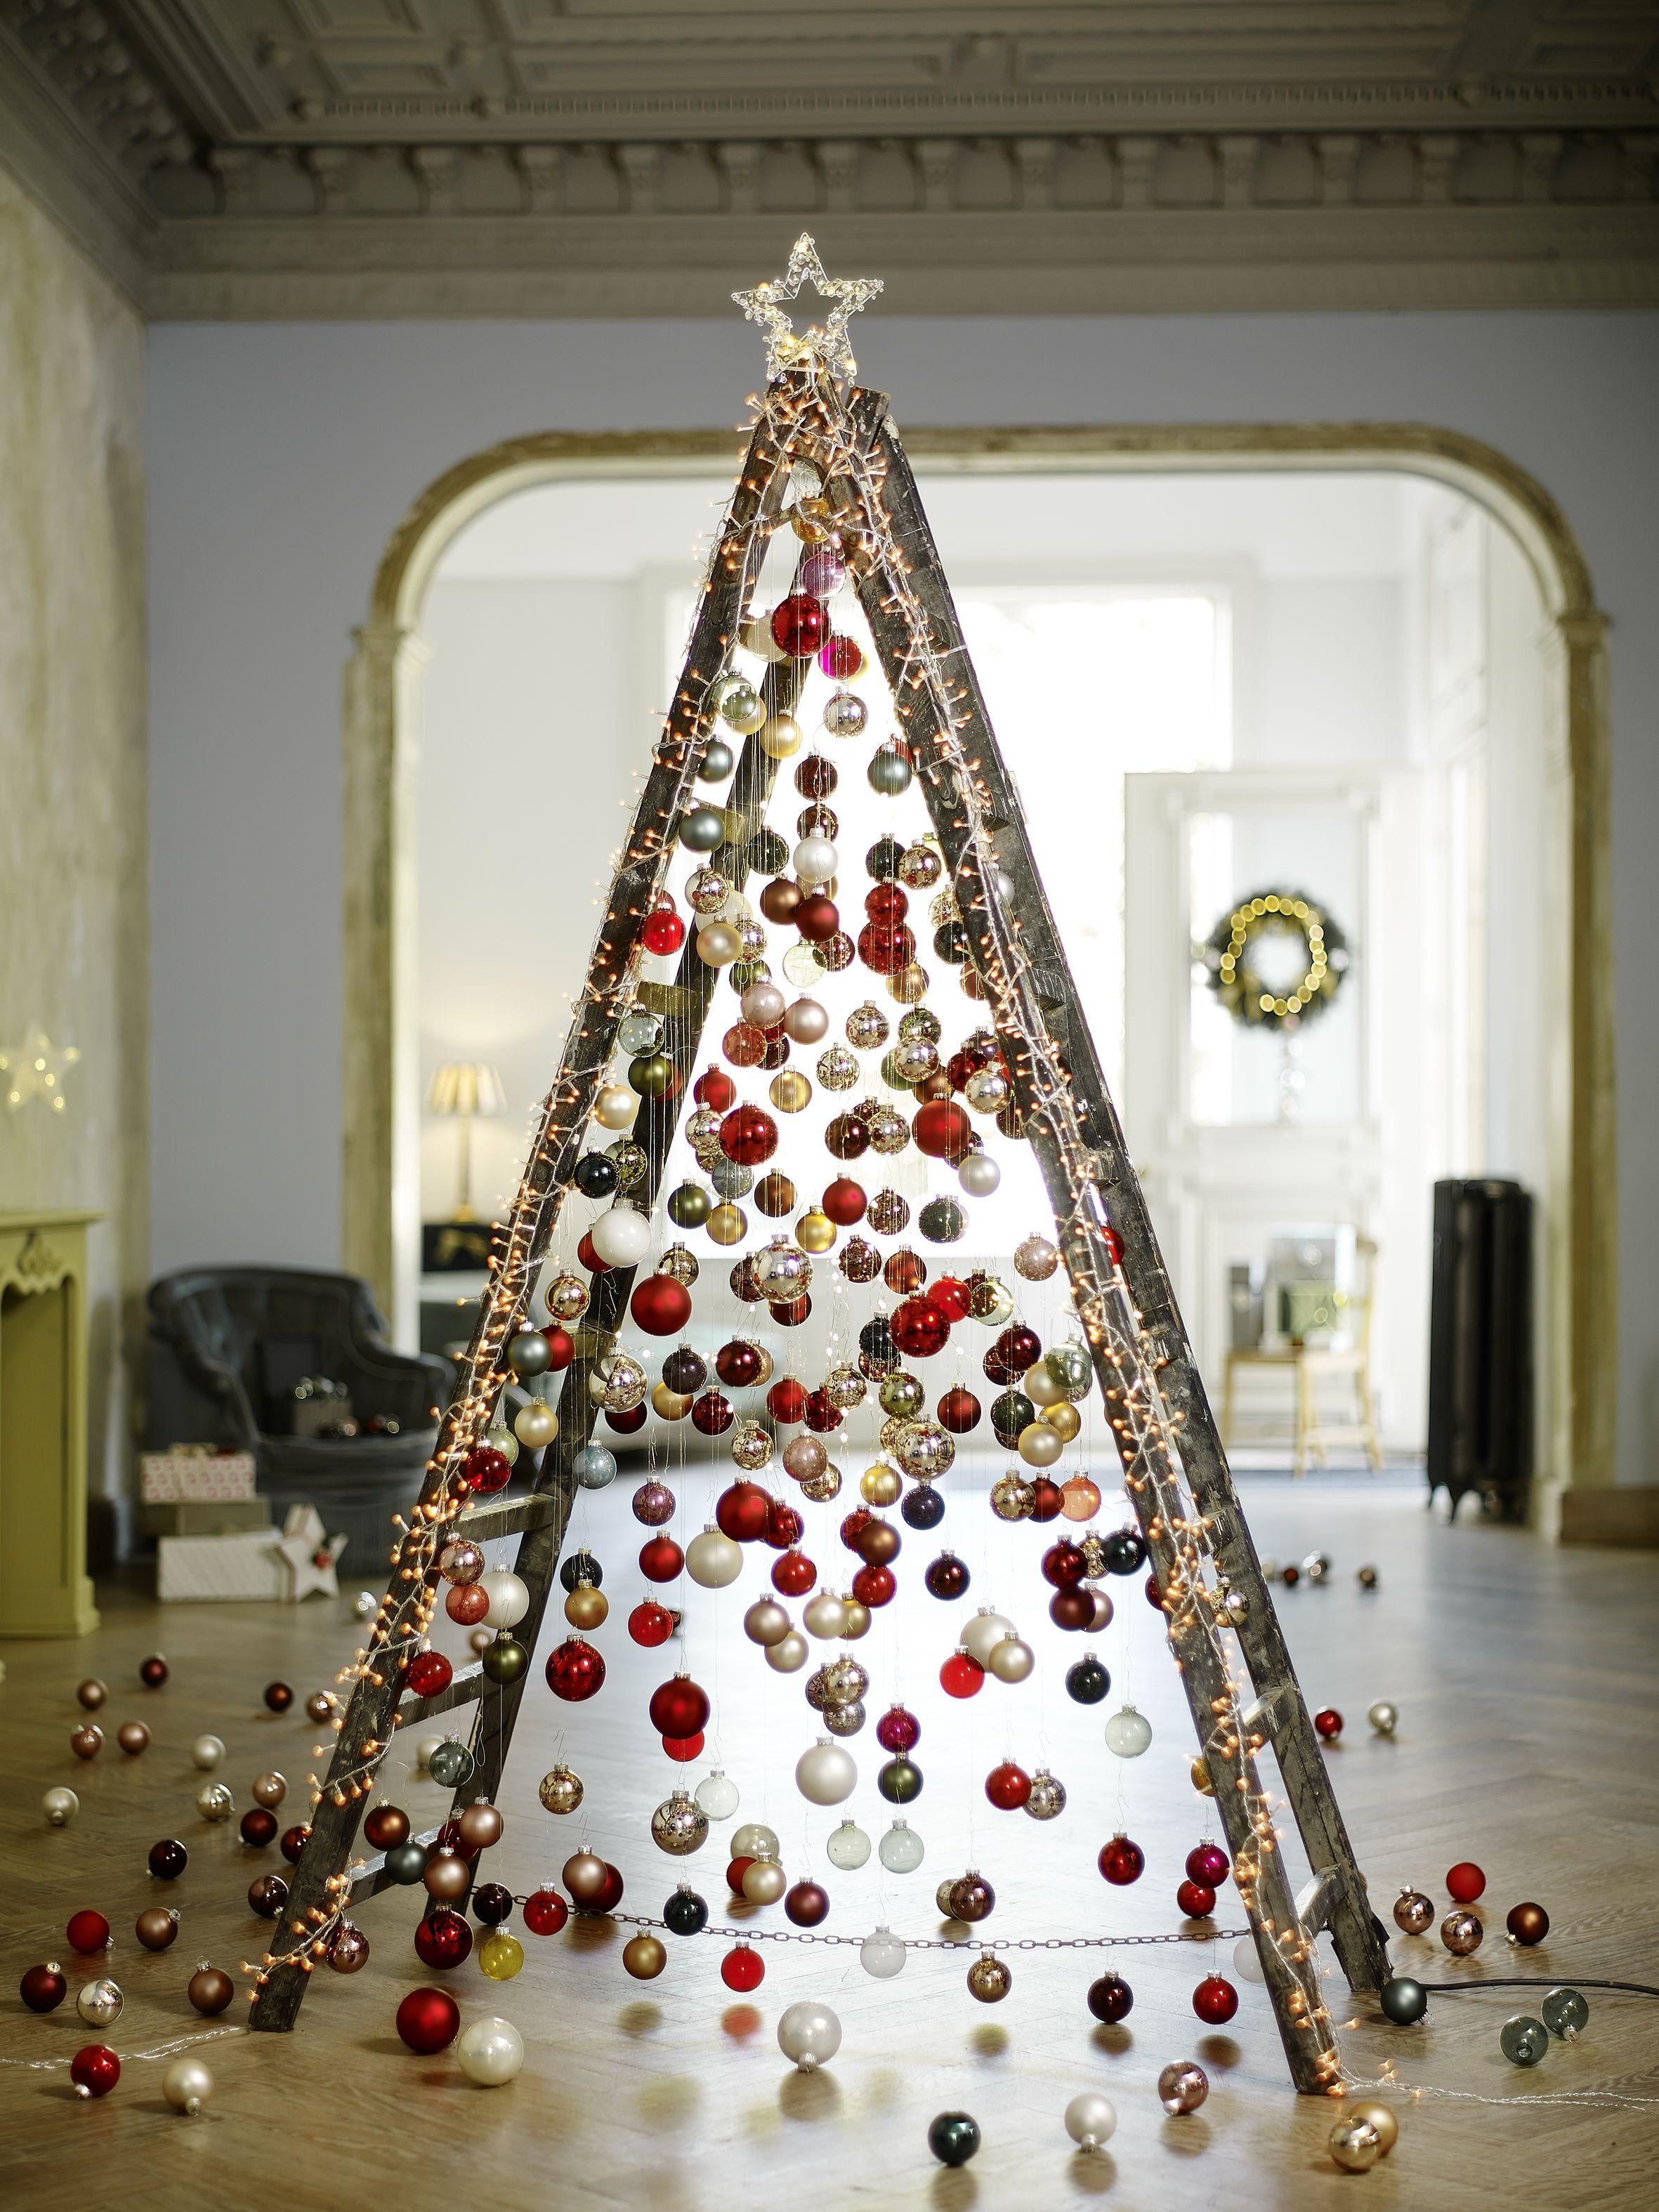 weihnachtskugeln impressionen weihnachten depot. Black Bedroom Furniture Sets. Home Design Ideas